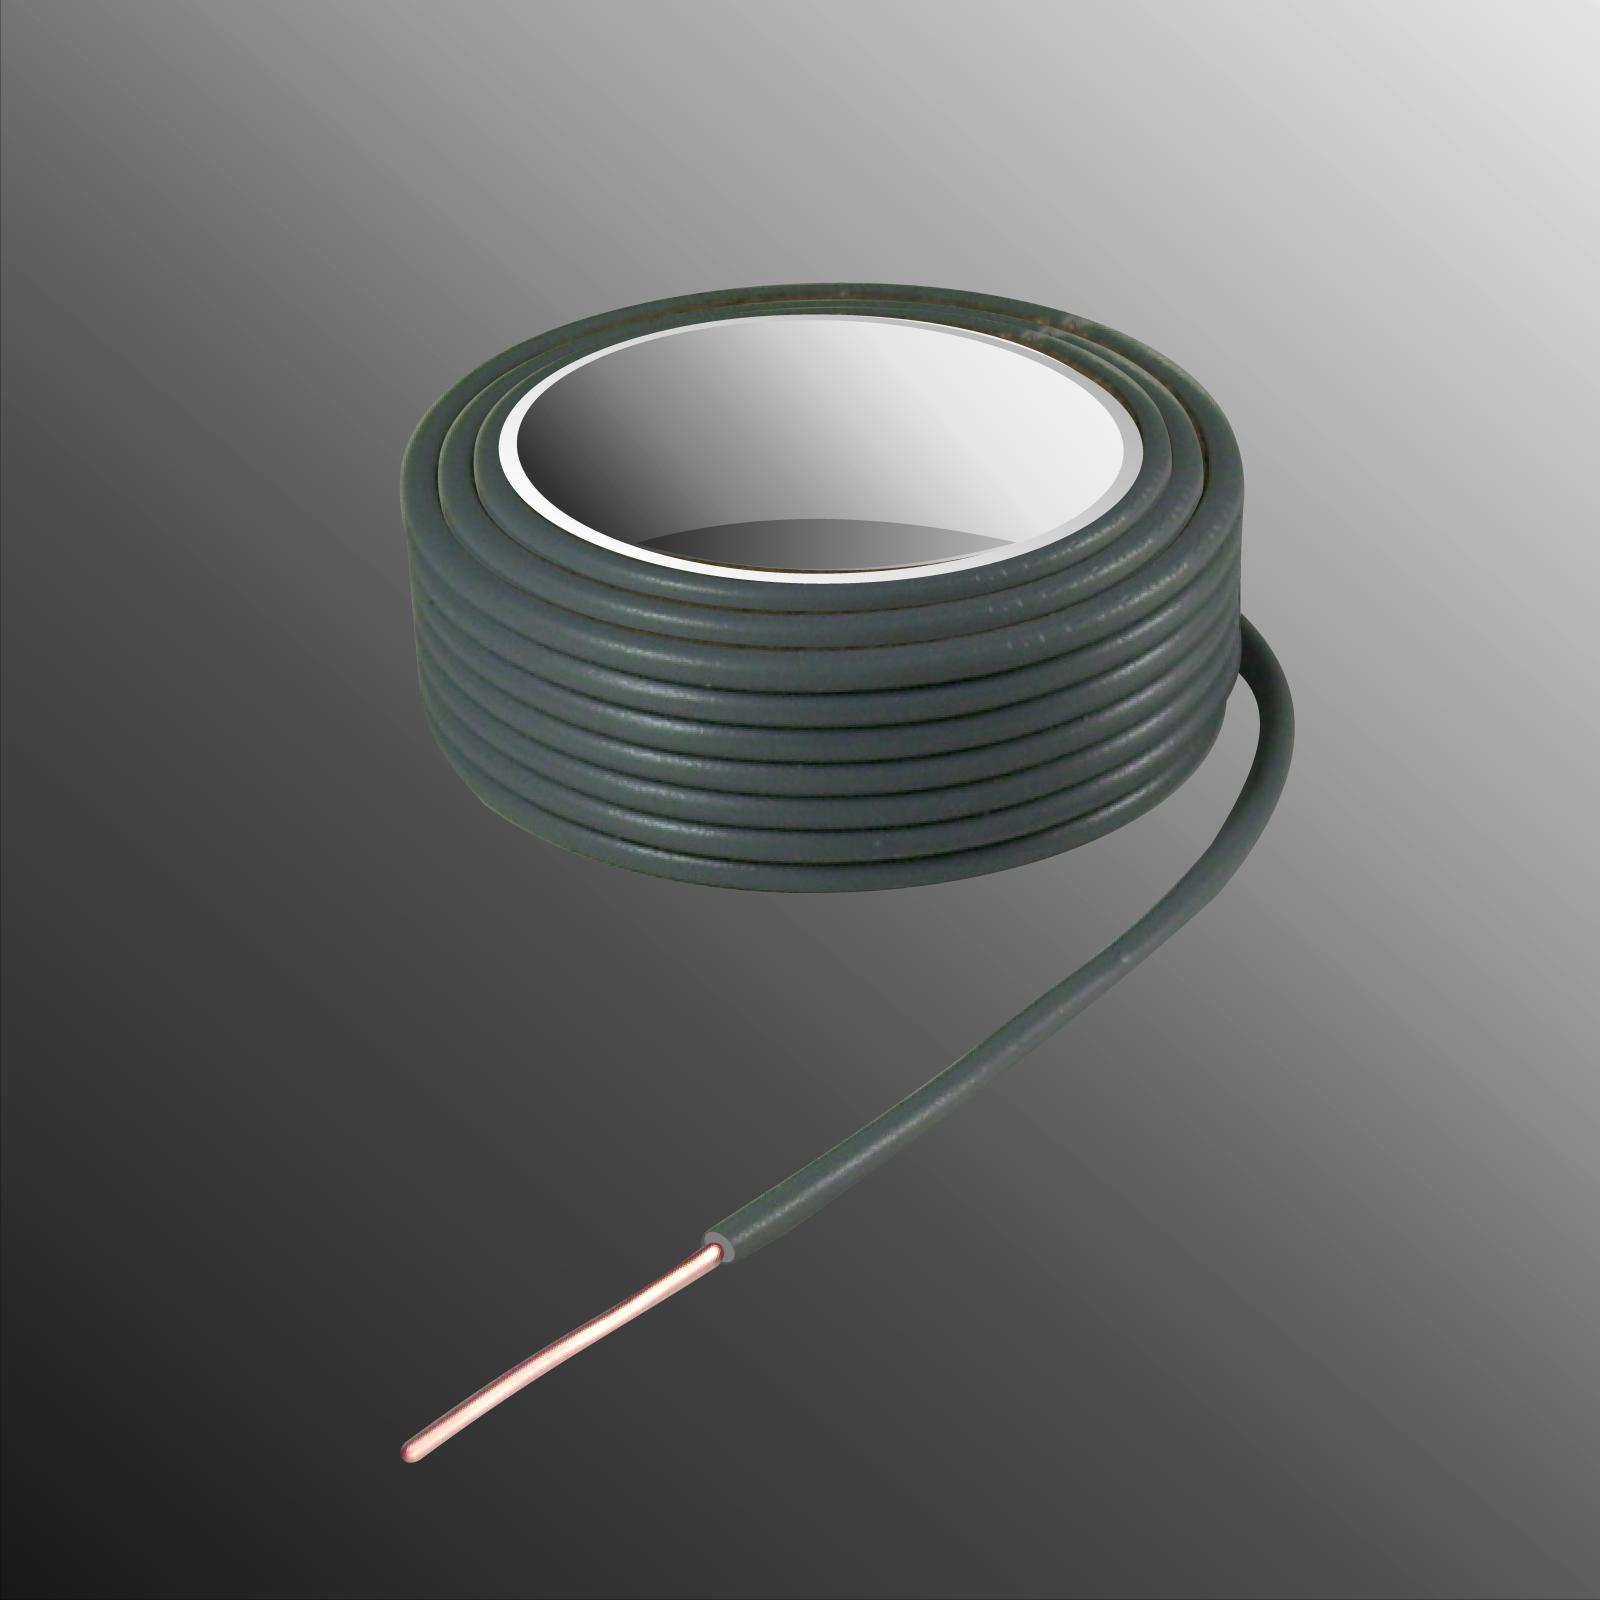 H05V-U H07V-U PVC Kabel Draht Schaltdraht Einzelader Verdrahtung ...